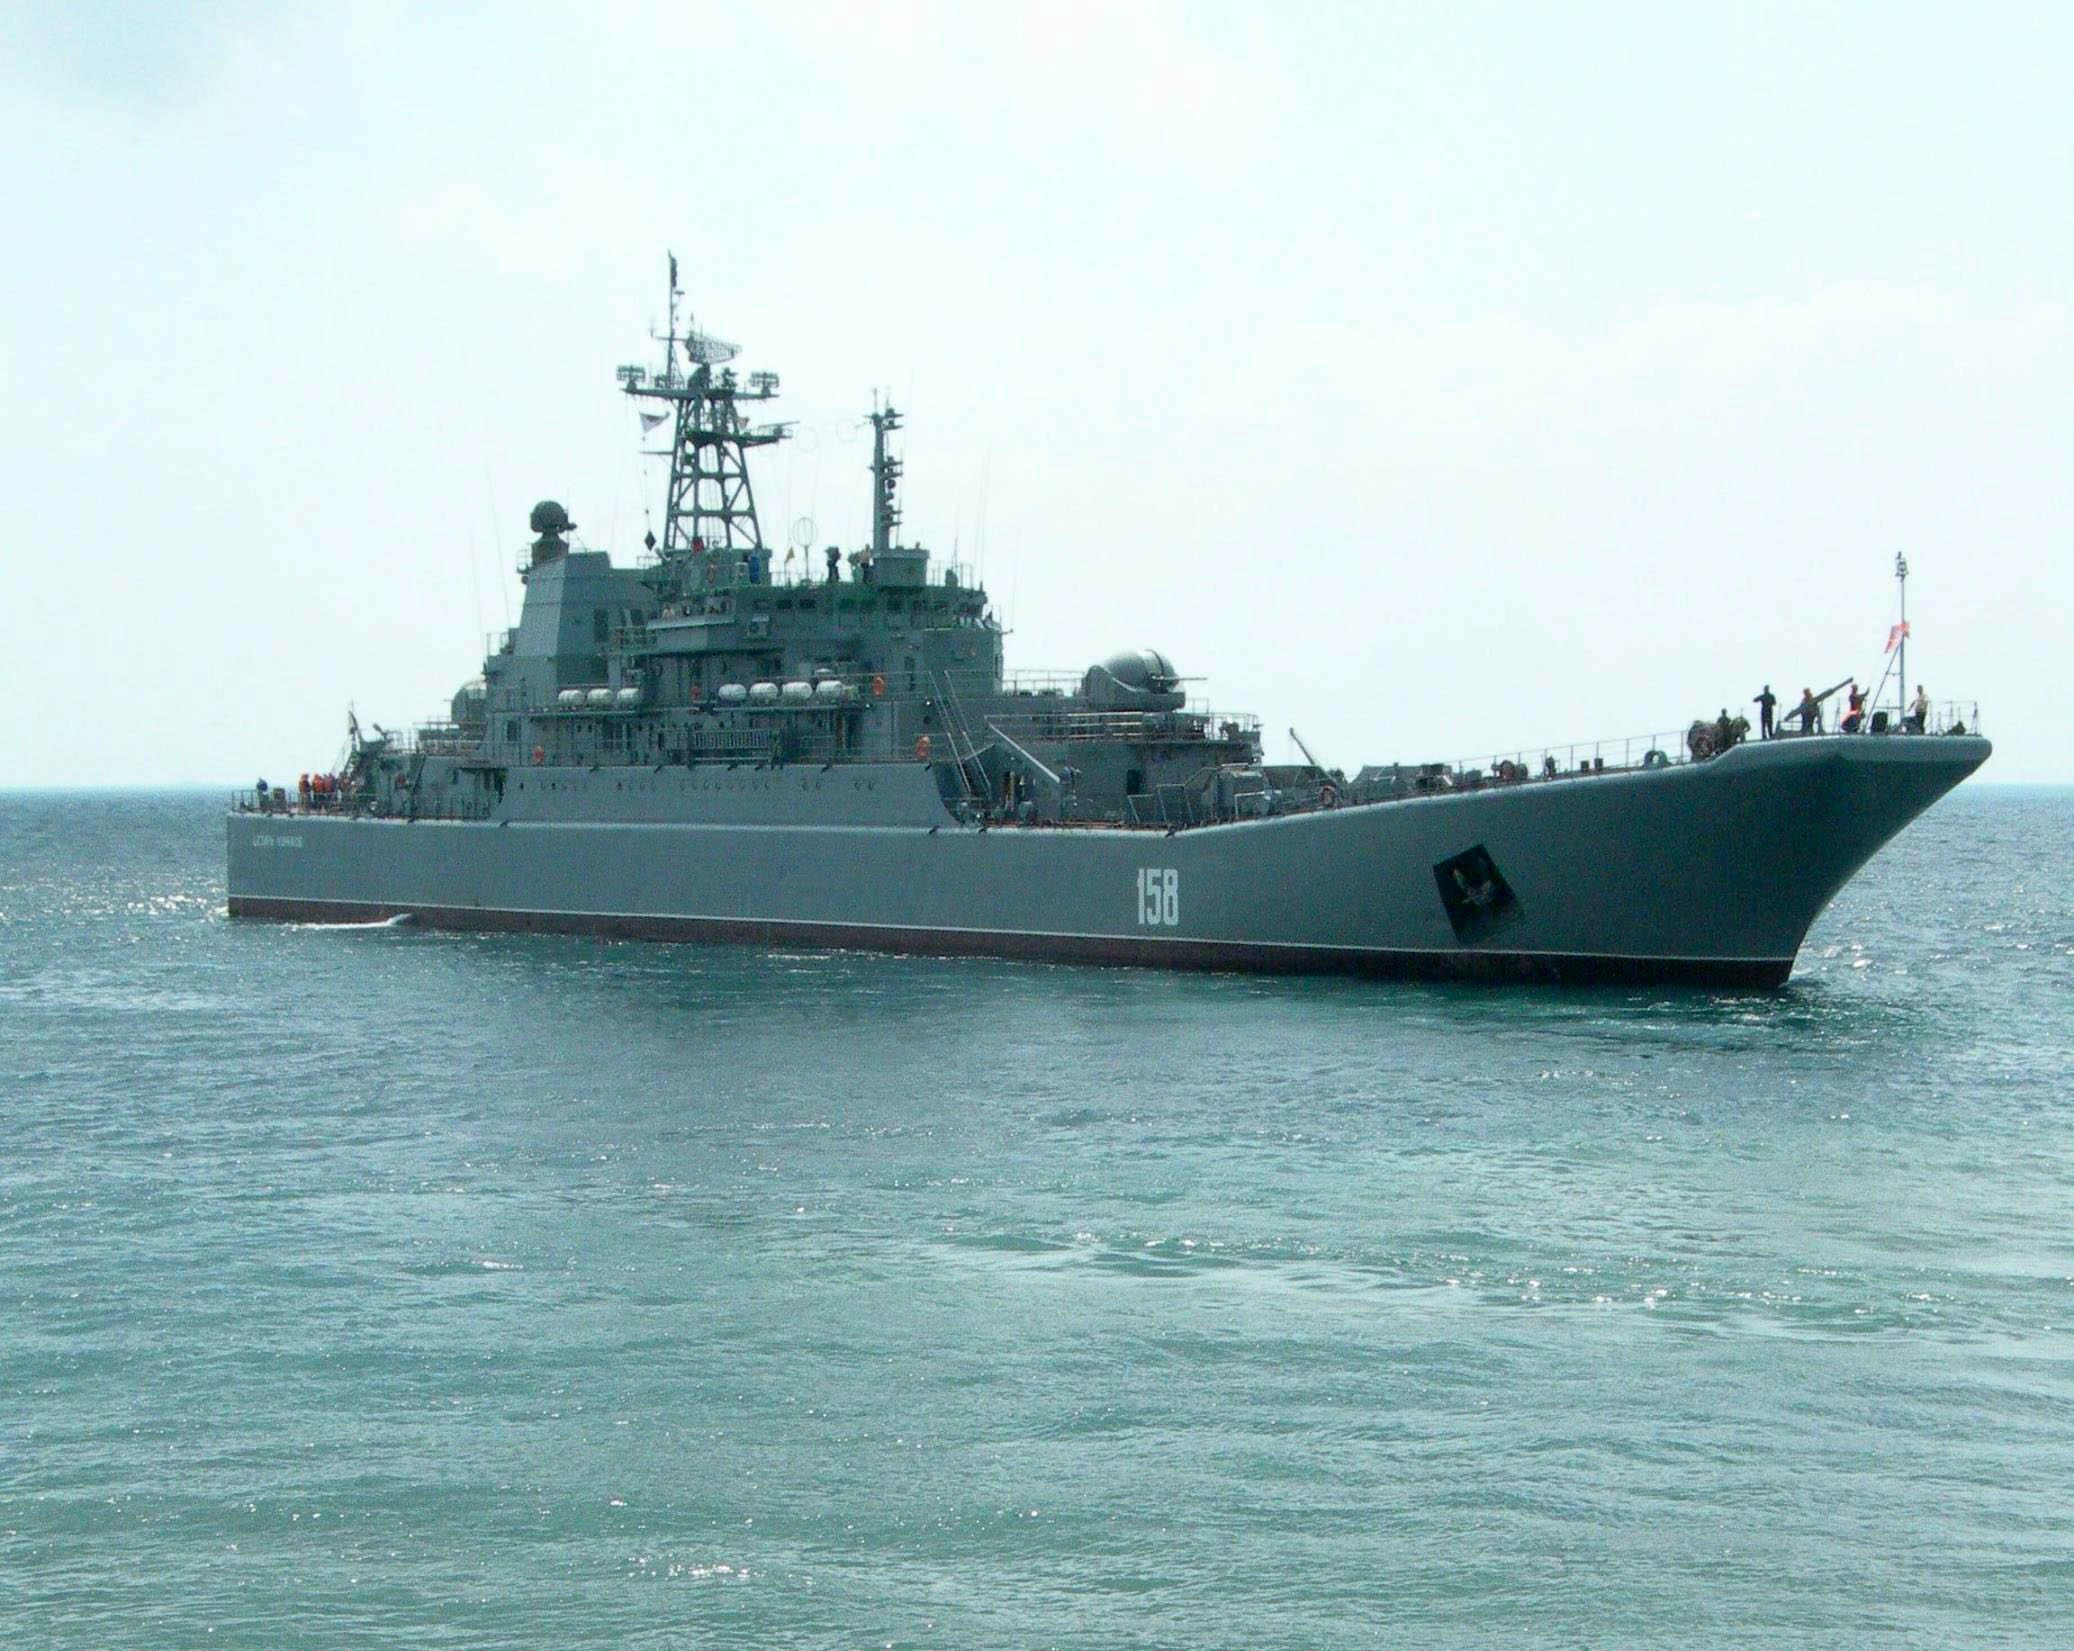 ロシア黒海艦隊艦艇はシリアへの...